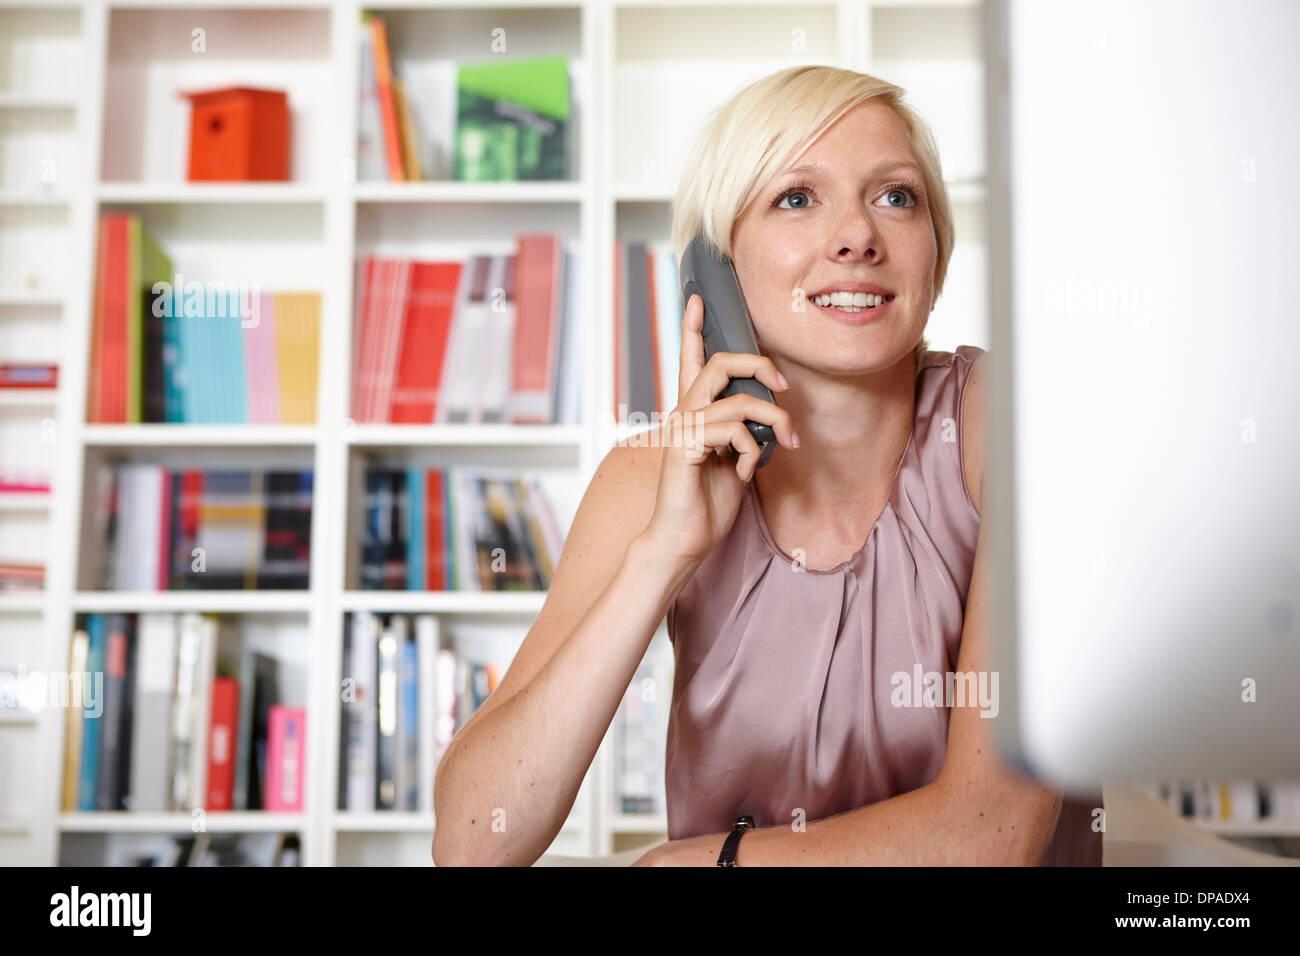 Mid adult woman on landline phone - Stock Image